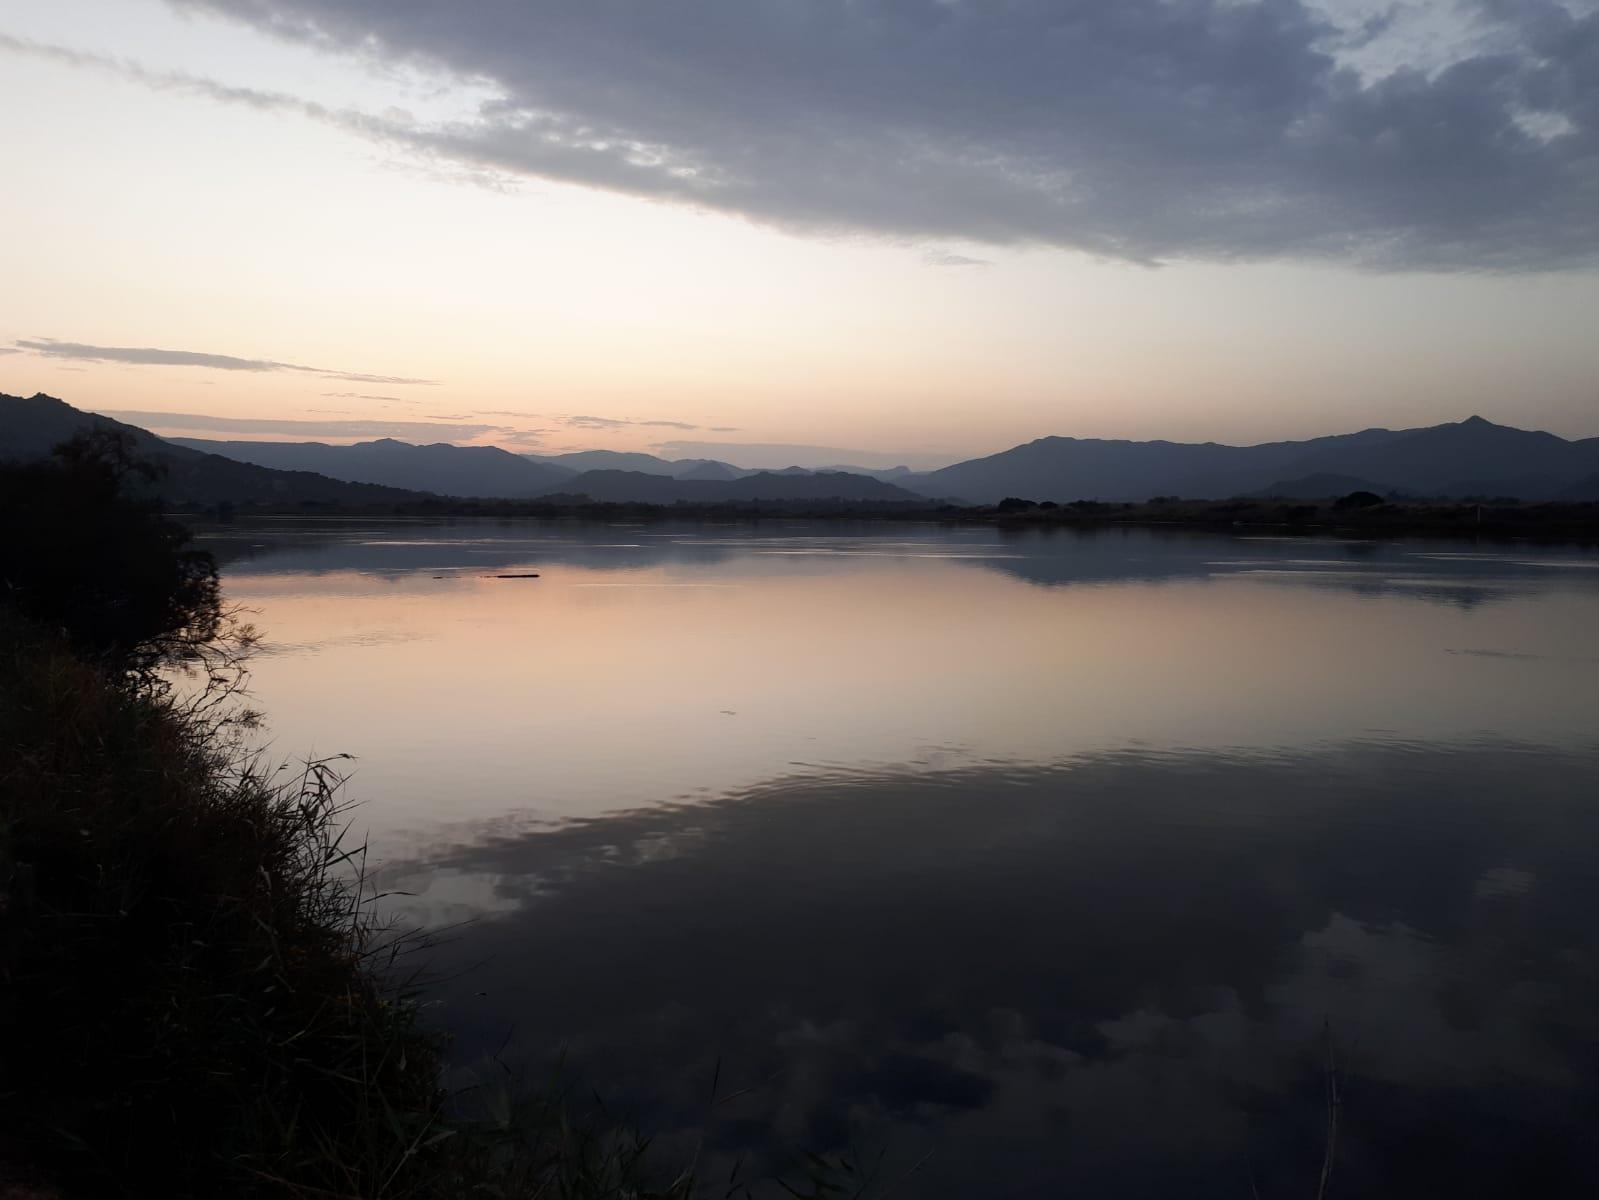 Settimane Sarde al Camping Capo Ferrato in Sardegna tramonto